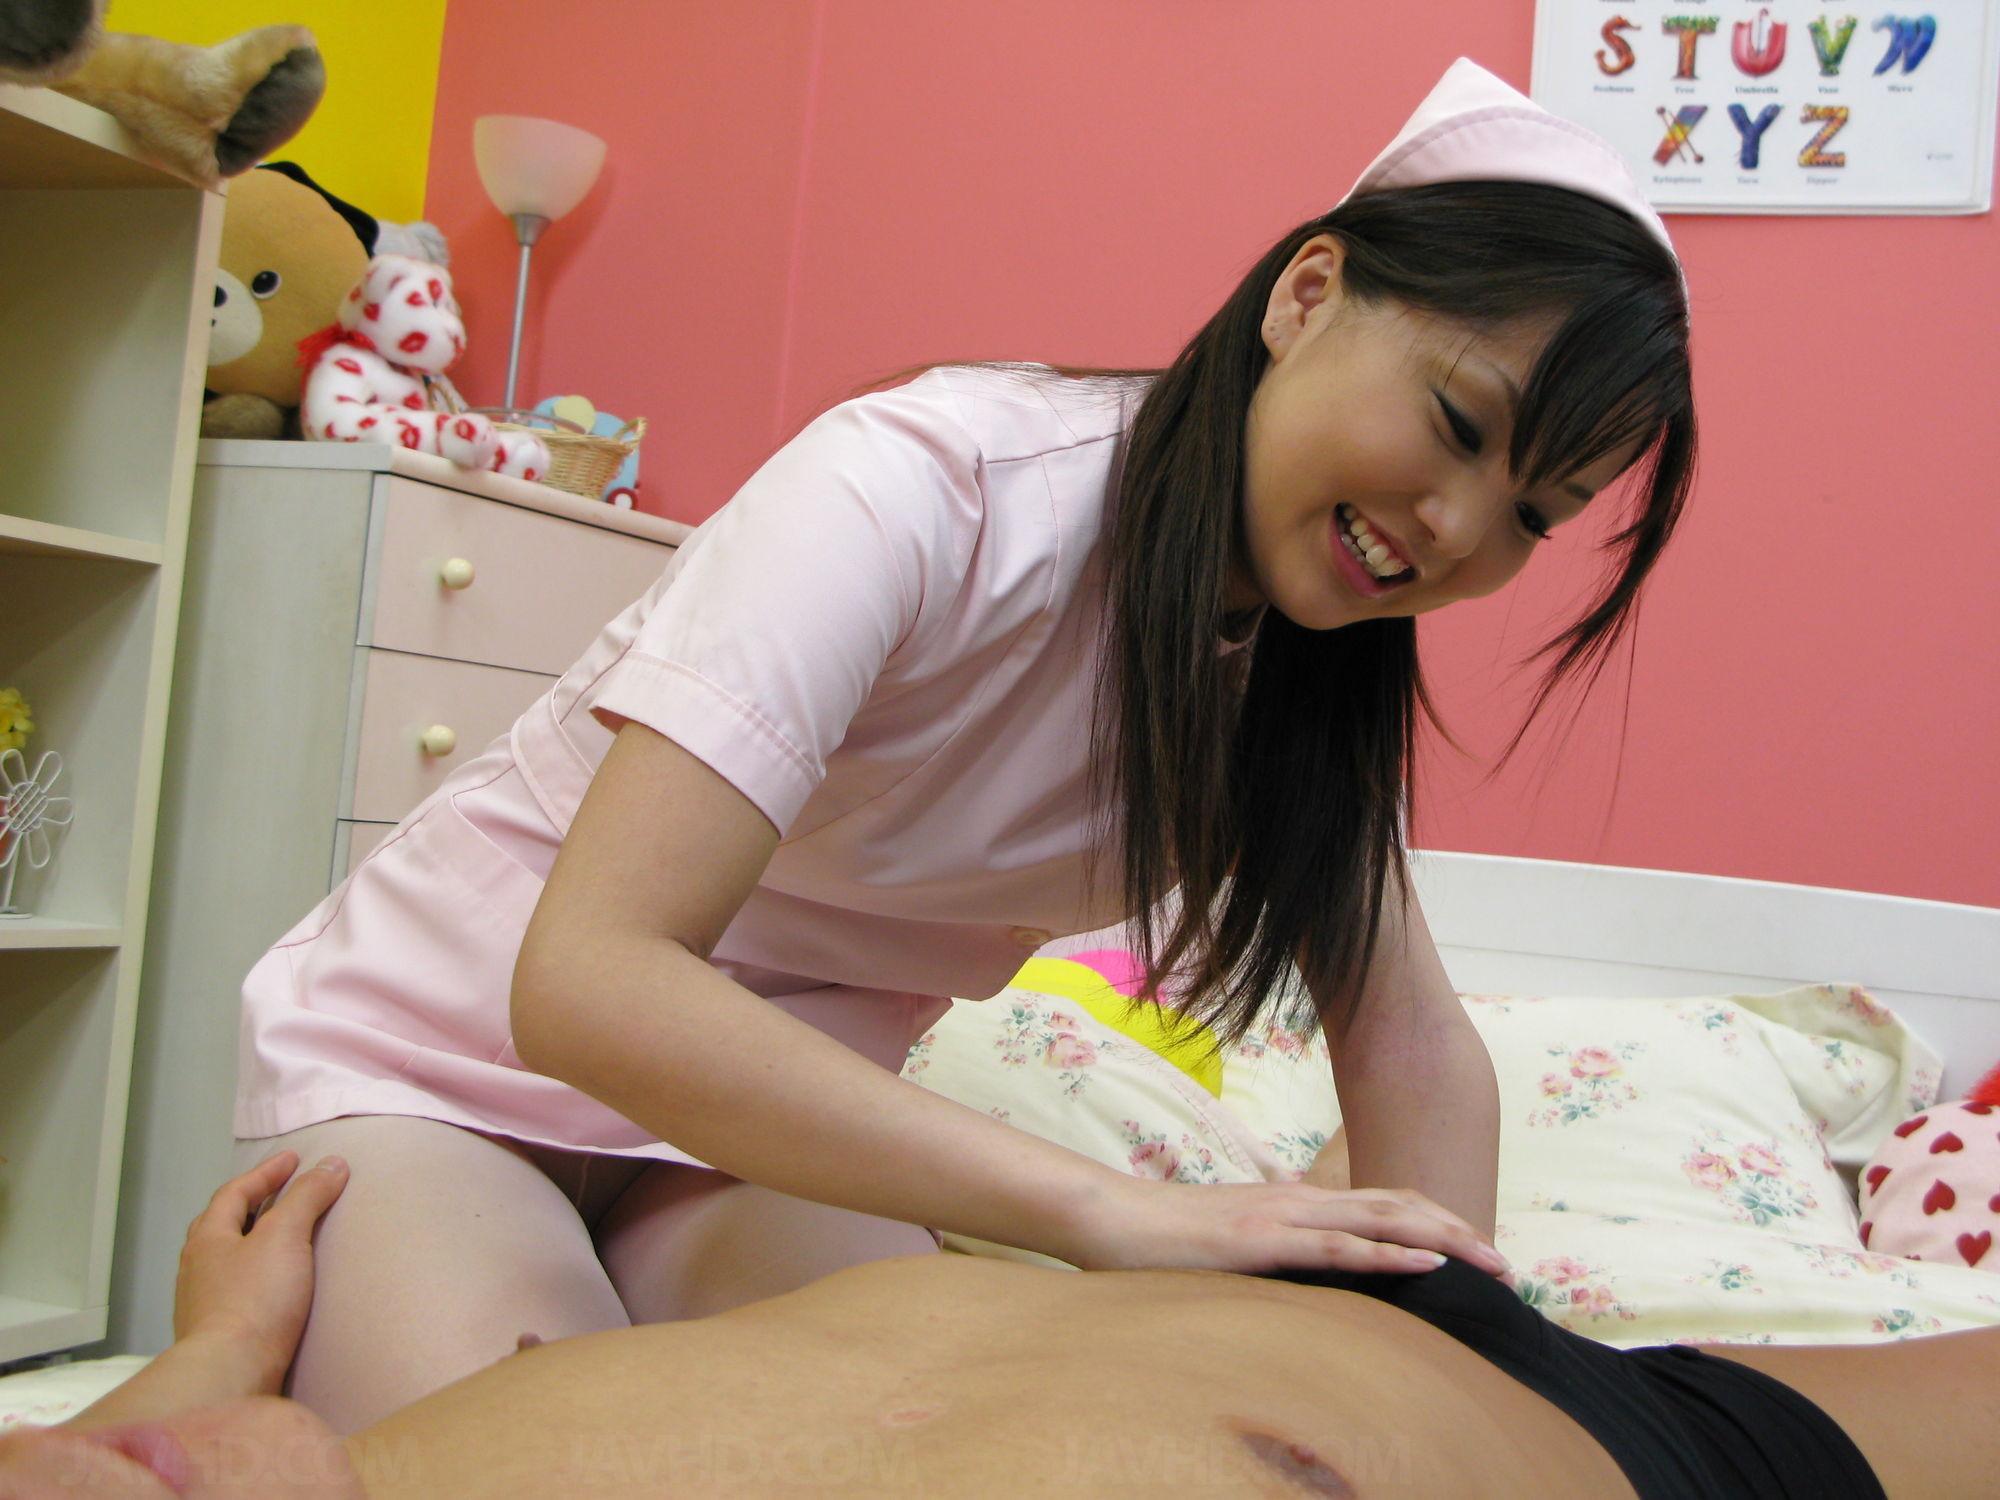 Медсестра - Порно галерея № 3443657